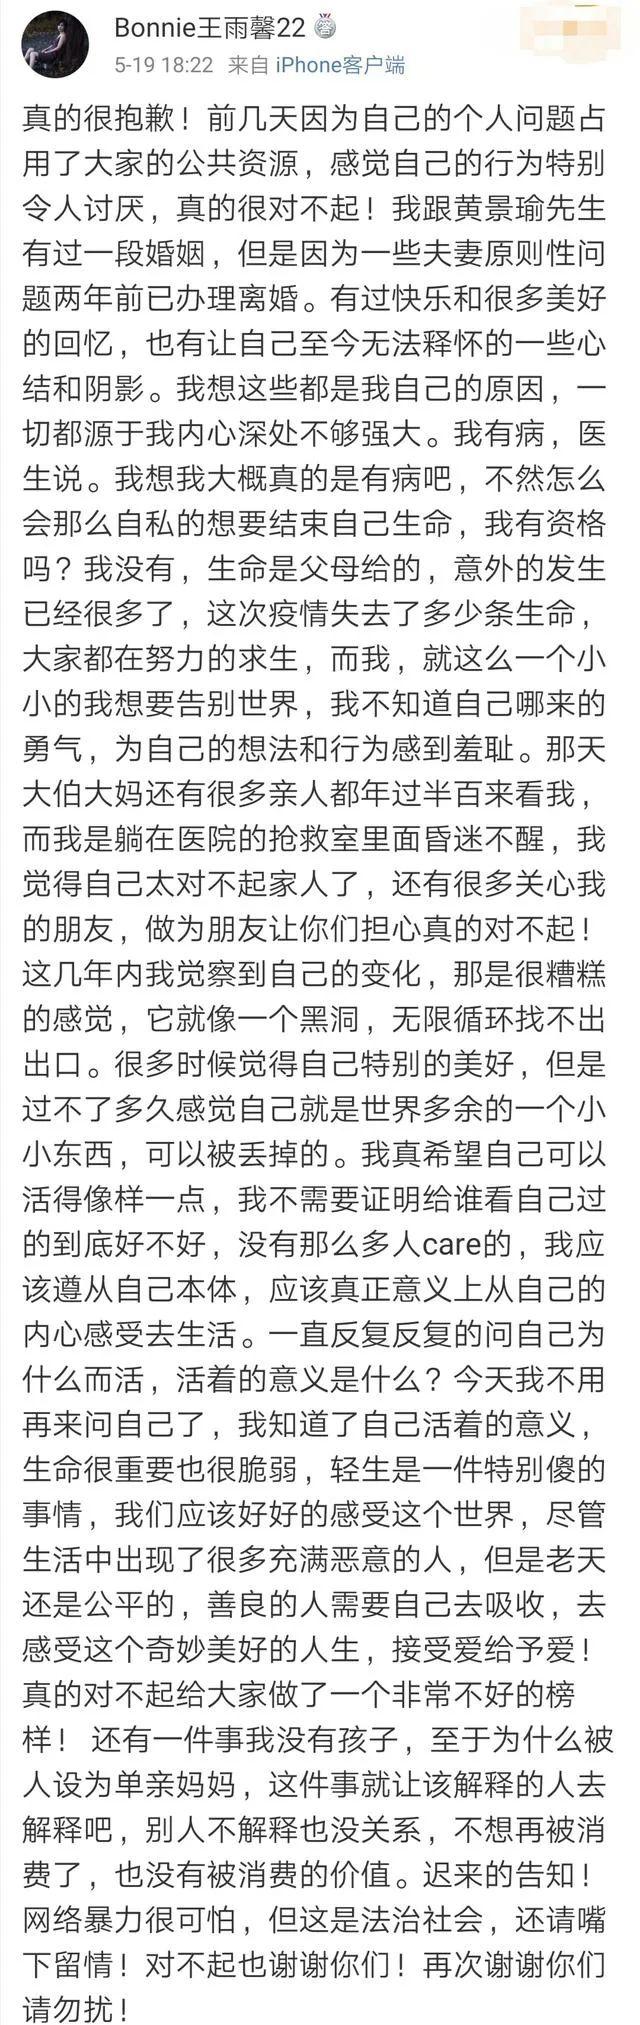 """黄景瑜""""前妻""""自杀未遂首发声,道歉并承认有过婚姻"""